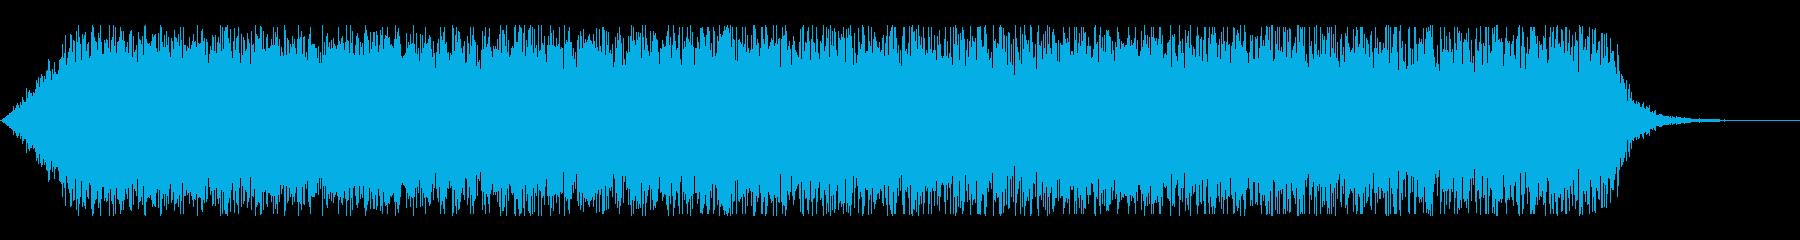 機体プロペラ音(ブイーン)の再生済みの波形